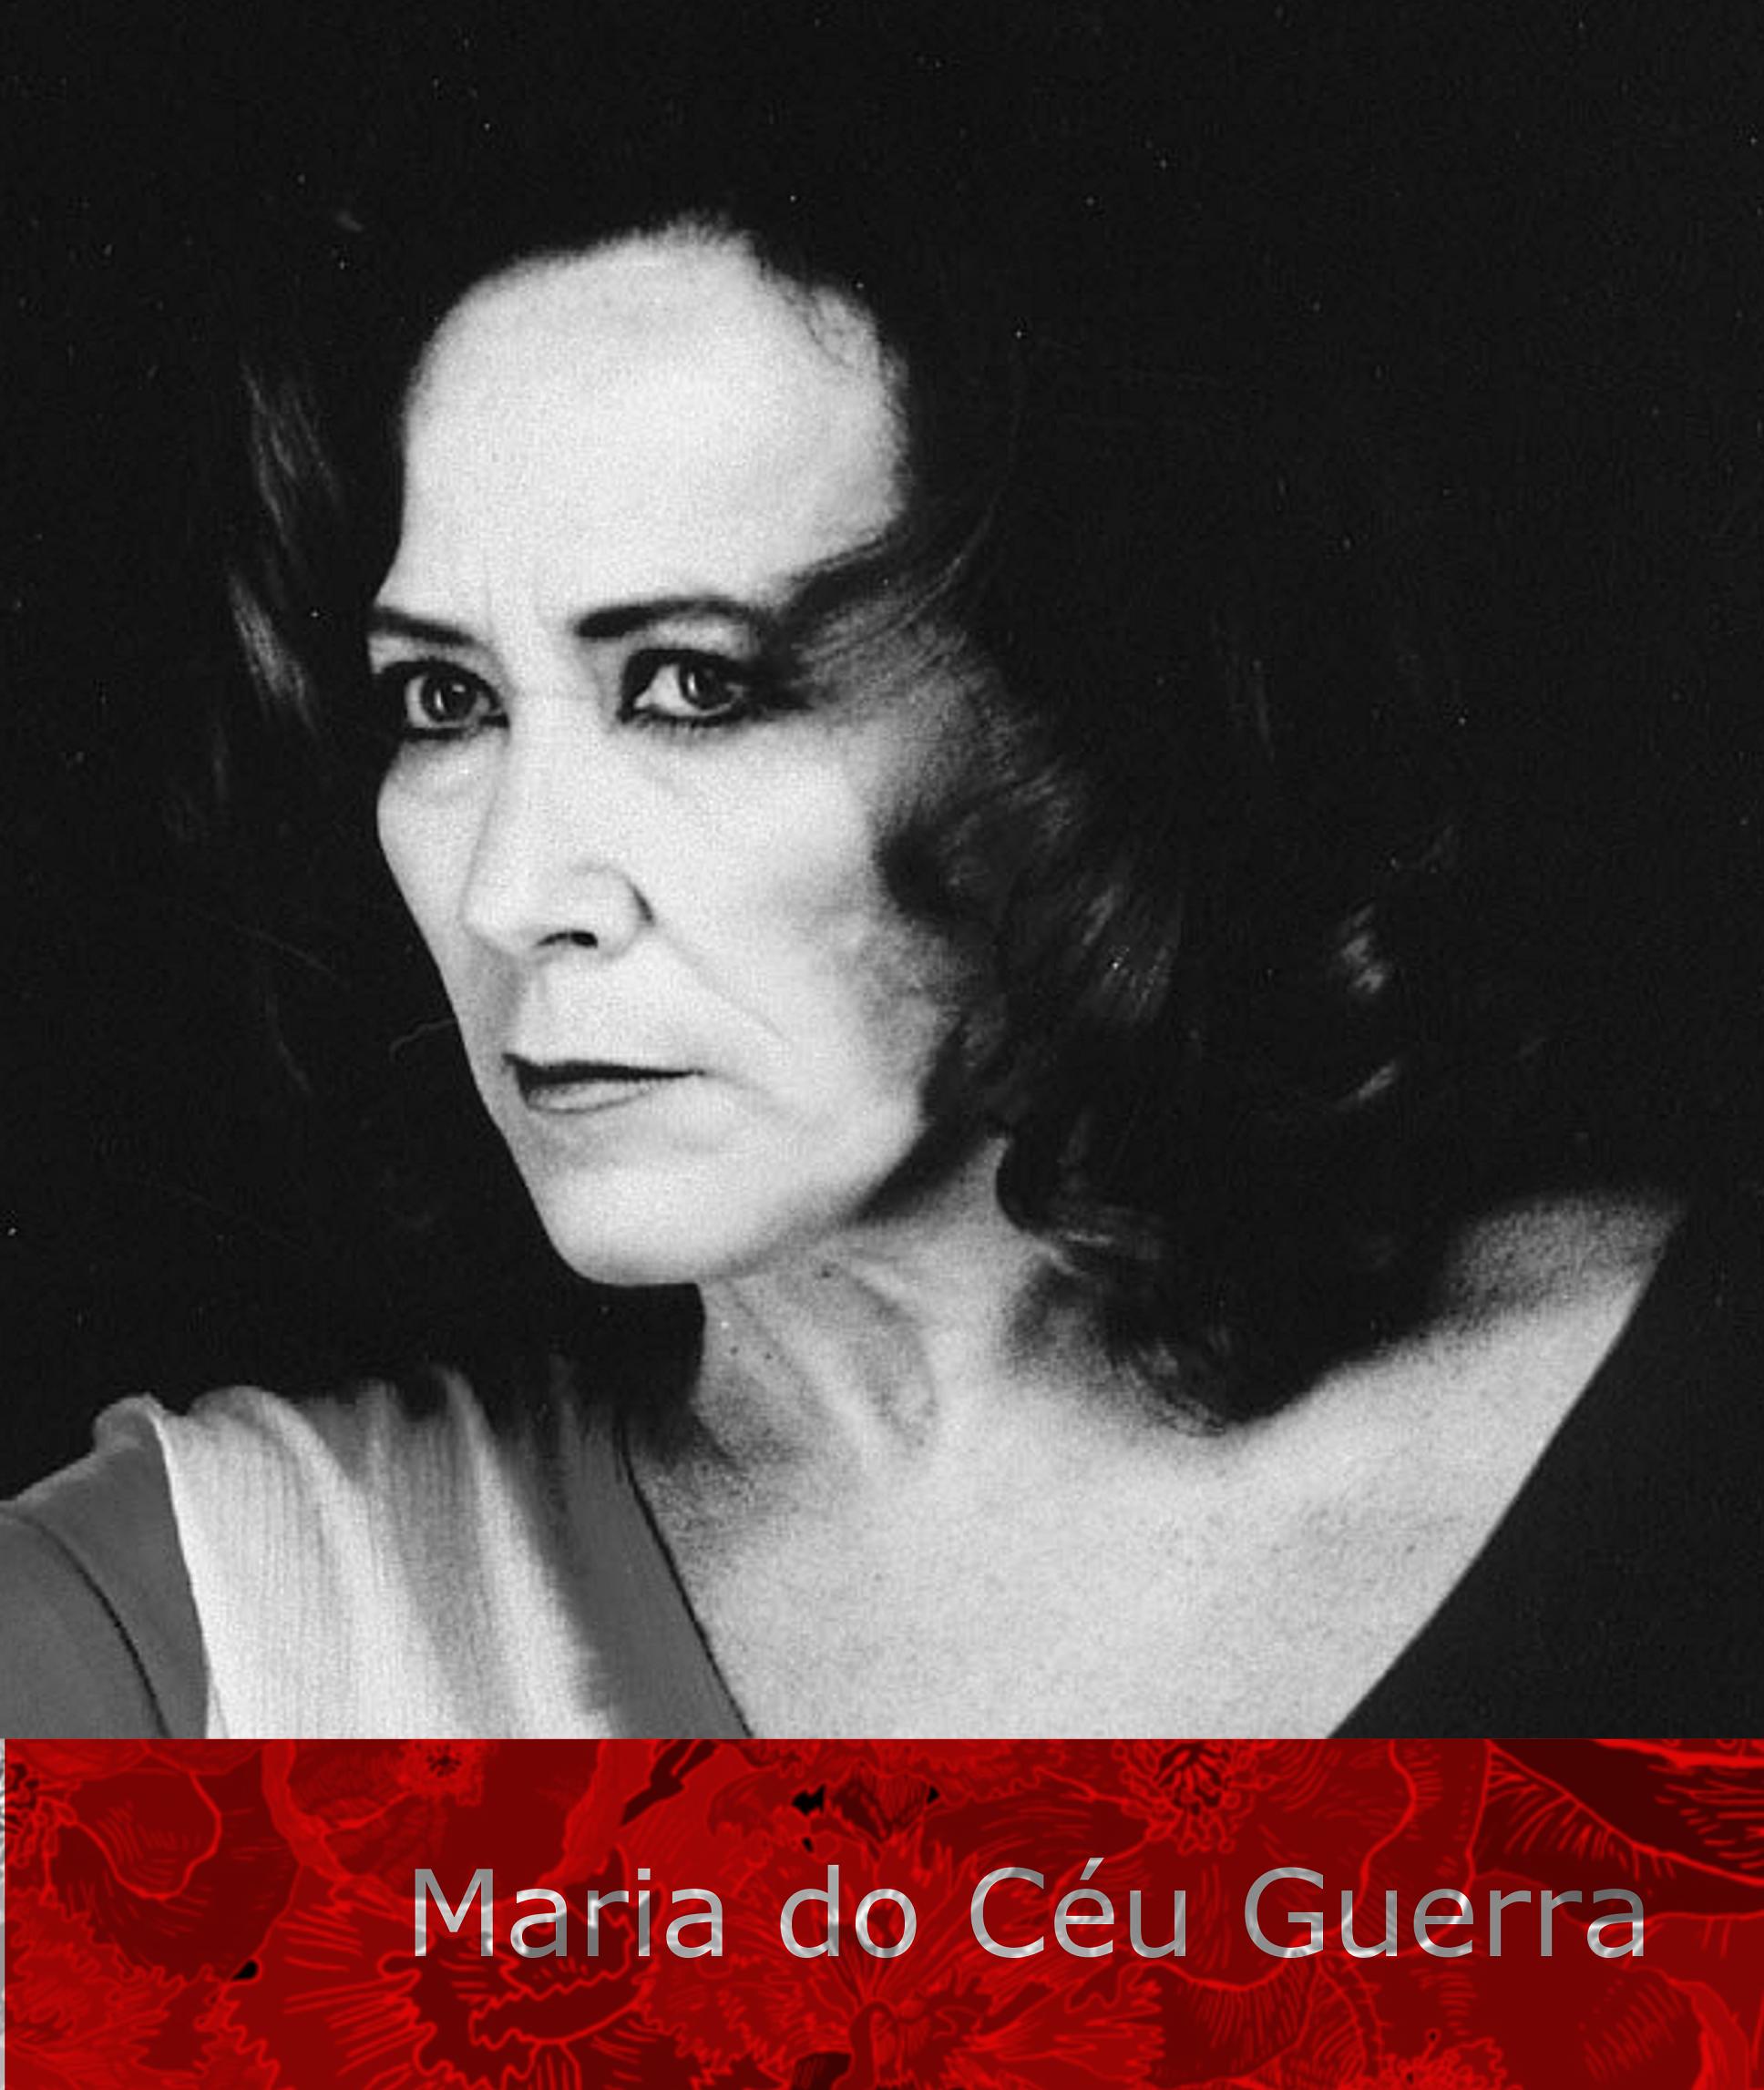 MDM saúda  Maria do Céu Guerra, pela distinção que merecidamente lhe é atribuída com o Prémio Vasco Graça Moura.